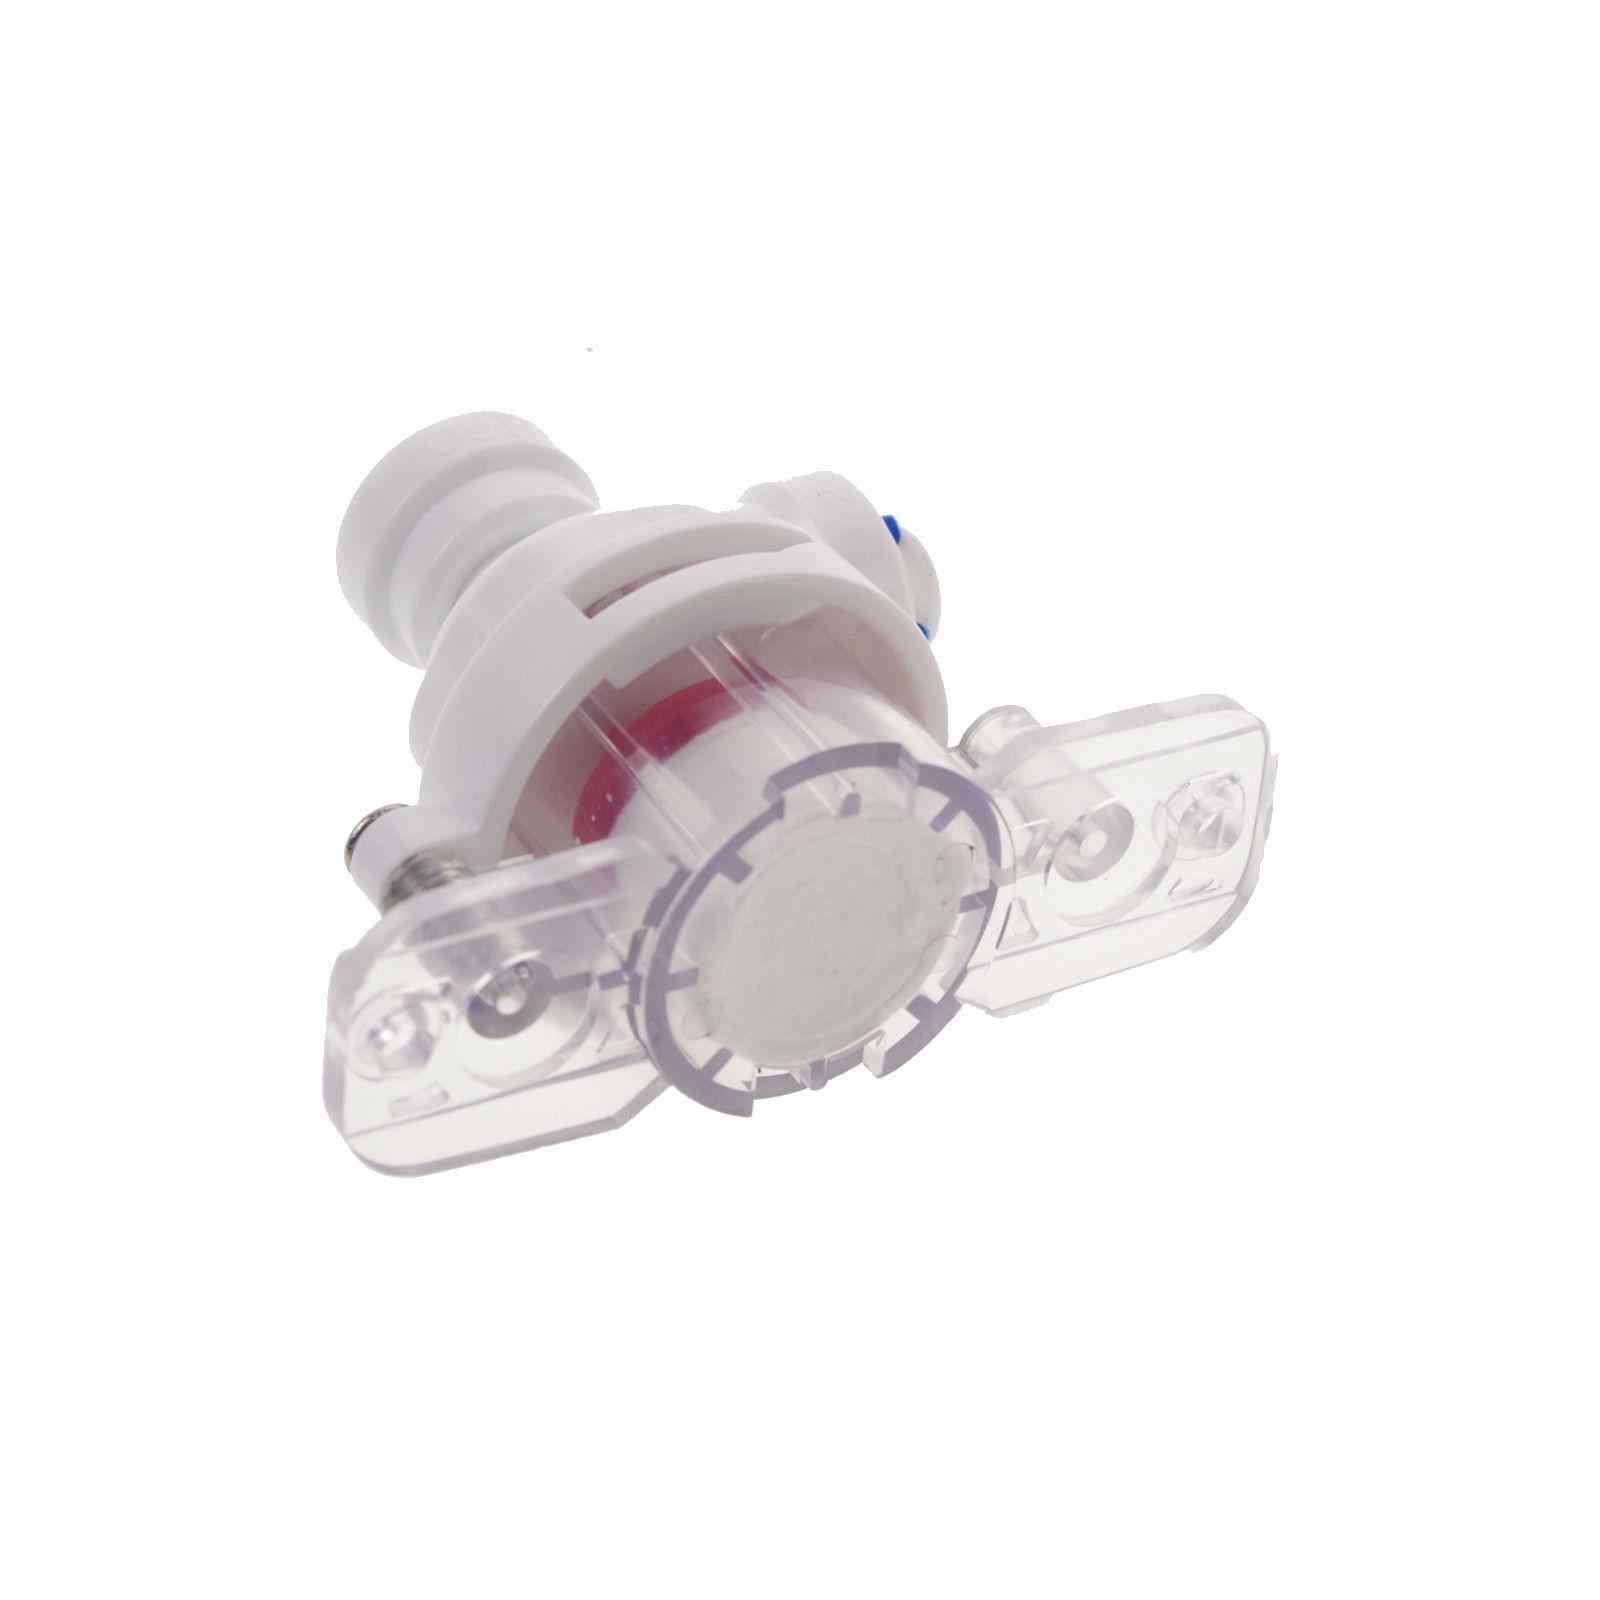 역방향 Osmos 누수 감지기 센서에 대 한 10pcs 20.5mm 압축 된 확장 된 코 튼 물 차단